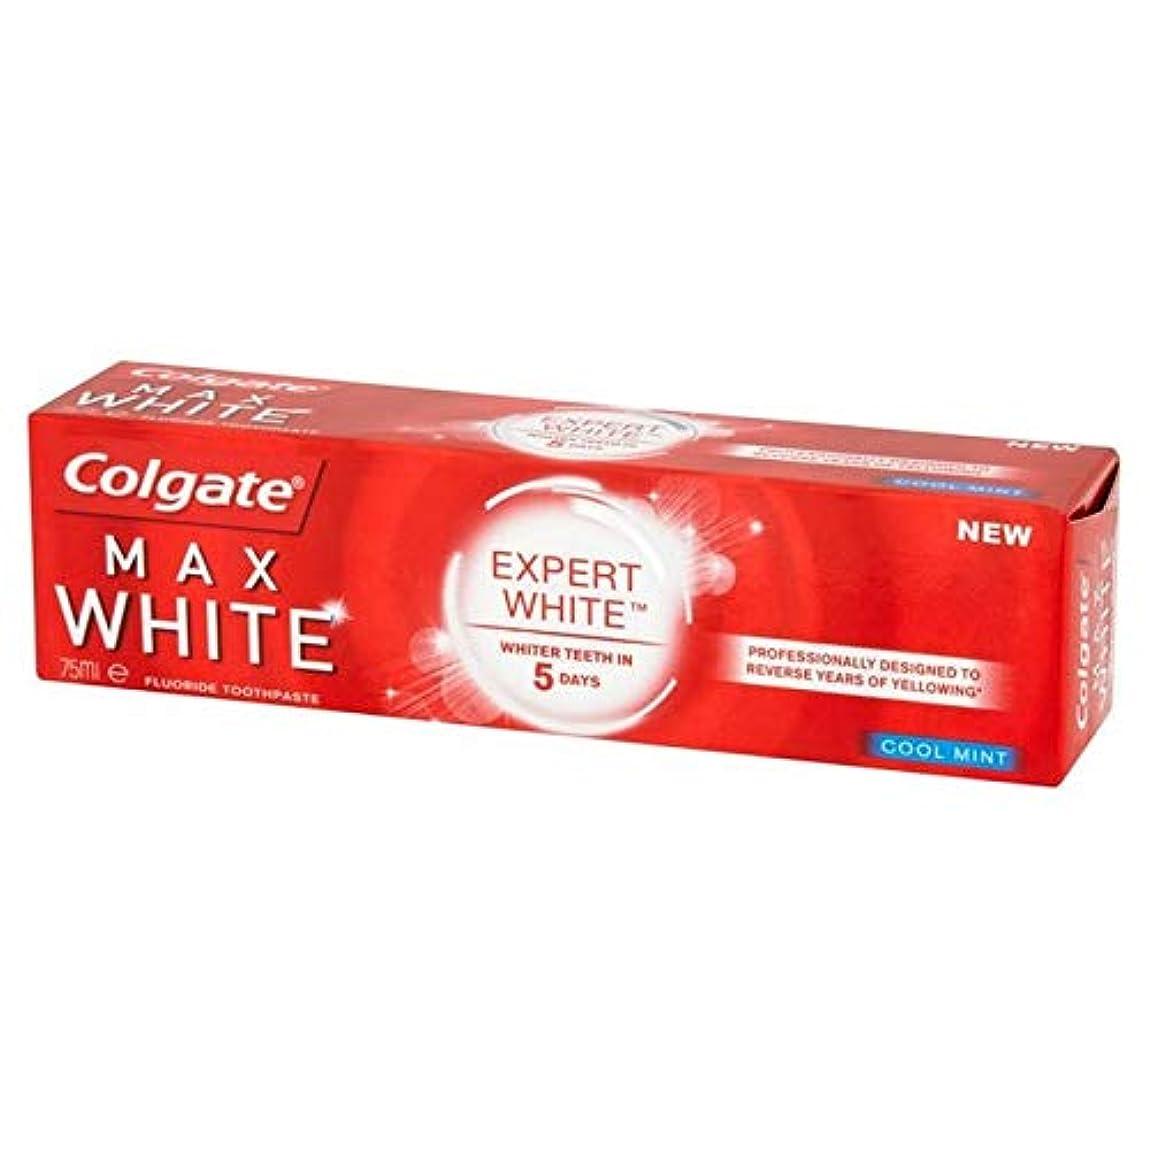 宿泊施設略奪小説[Colgate ] コルゲート最大白の専門家クールミントホワイトニング歯磨き粉75ミリリットル - Colgate Max White Expert Cool Mint Whitening Toothpaste 75ml [並行輸入品]